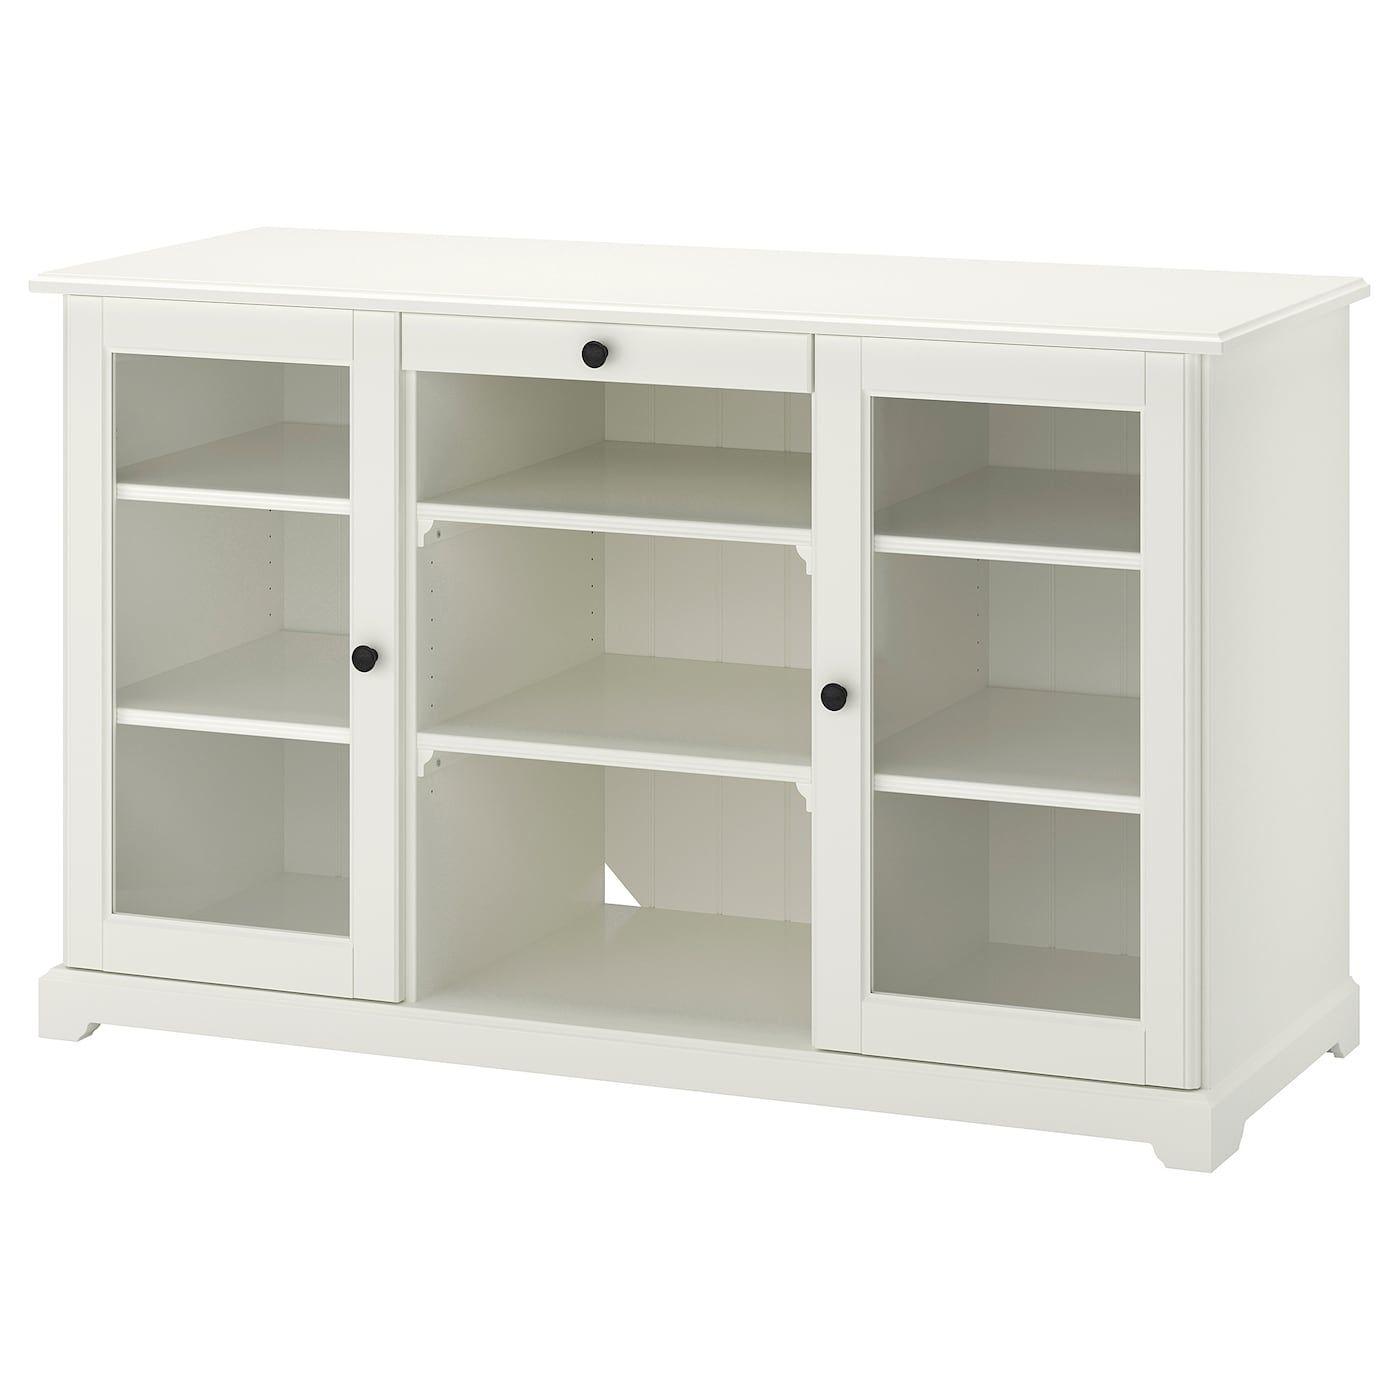 Mobel Einrichtungsideen Fur Dein Zuhause White Sideboard Ikea Sideboard Liatorp